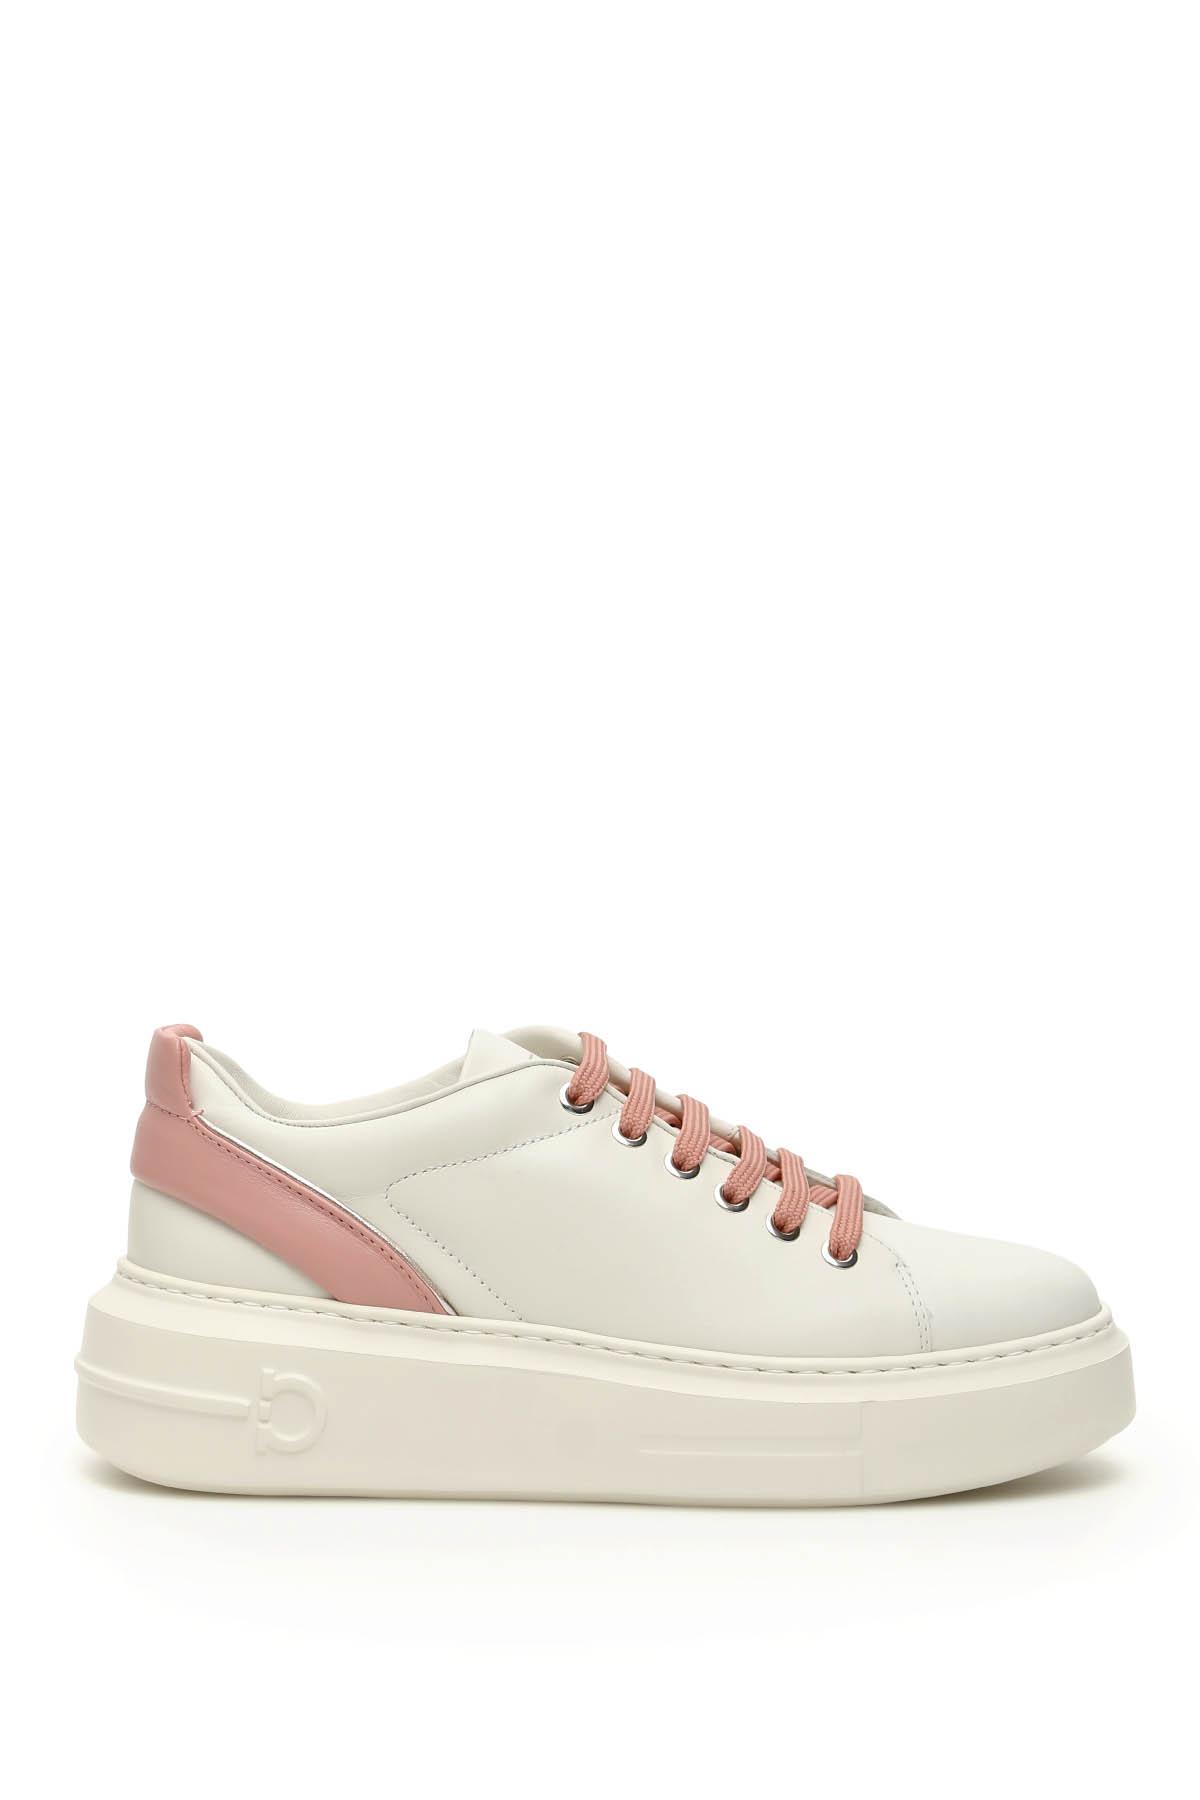 Salvatore ferragamo sneakers in pelle senise